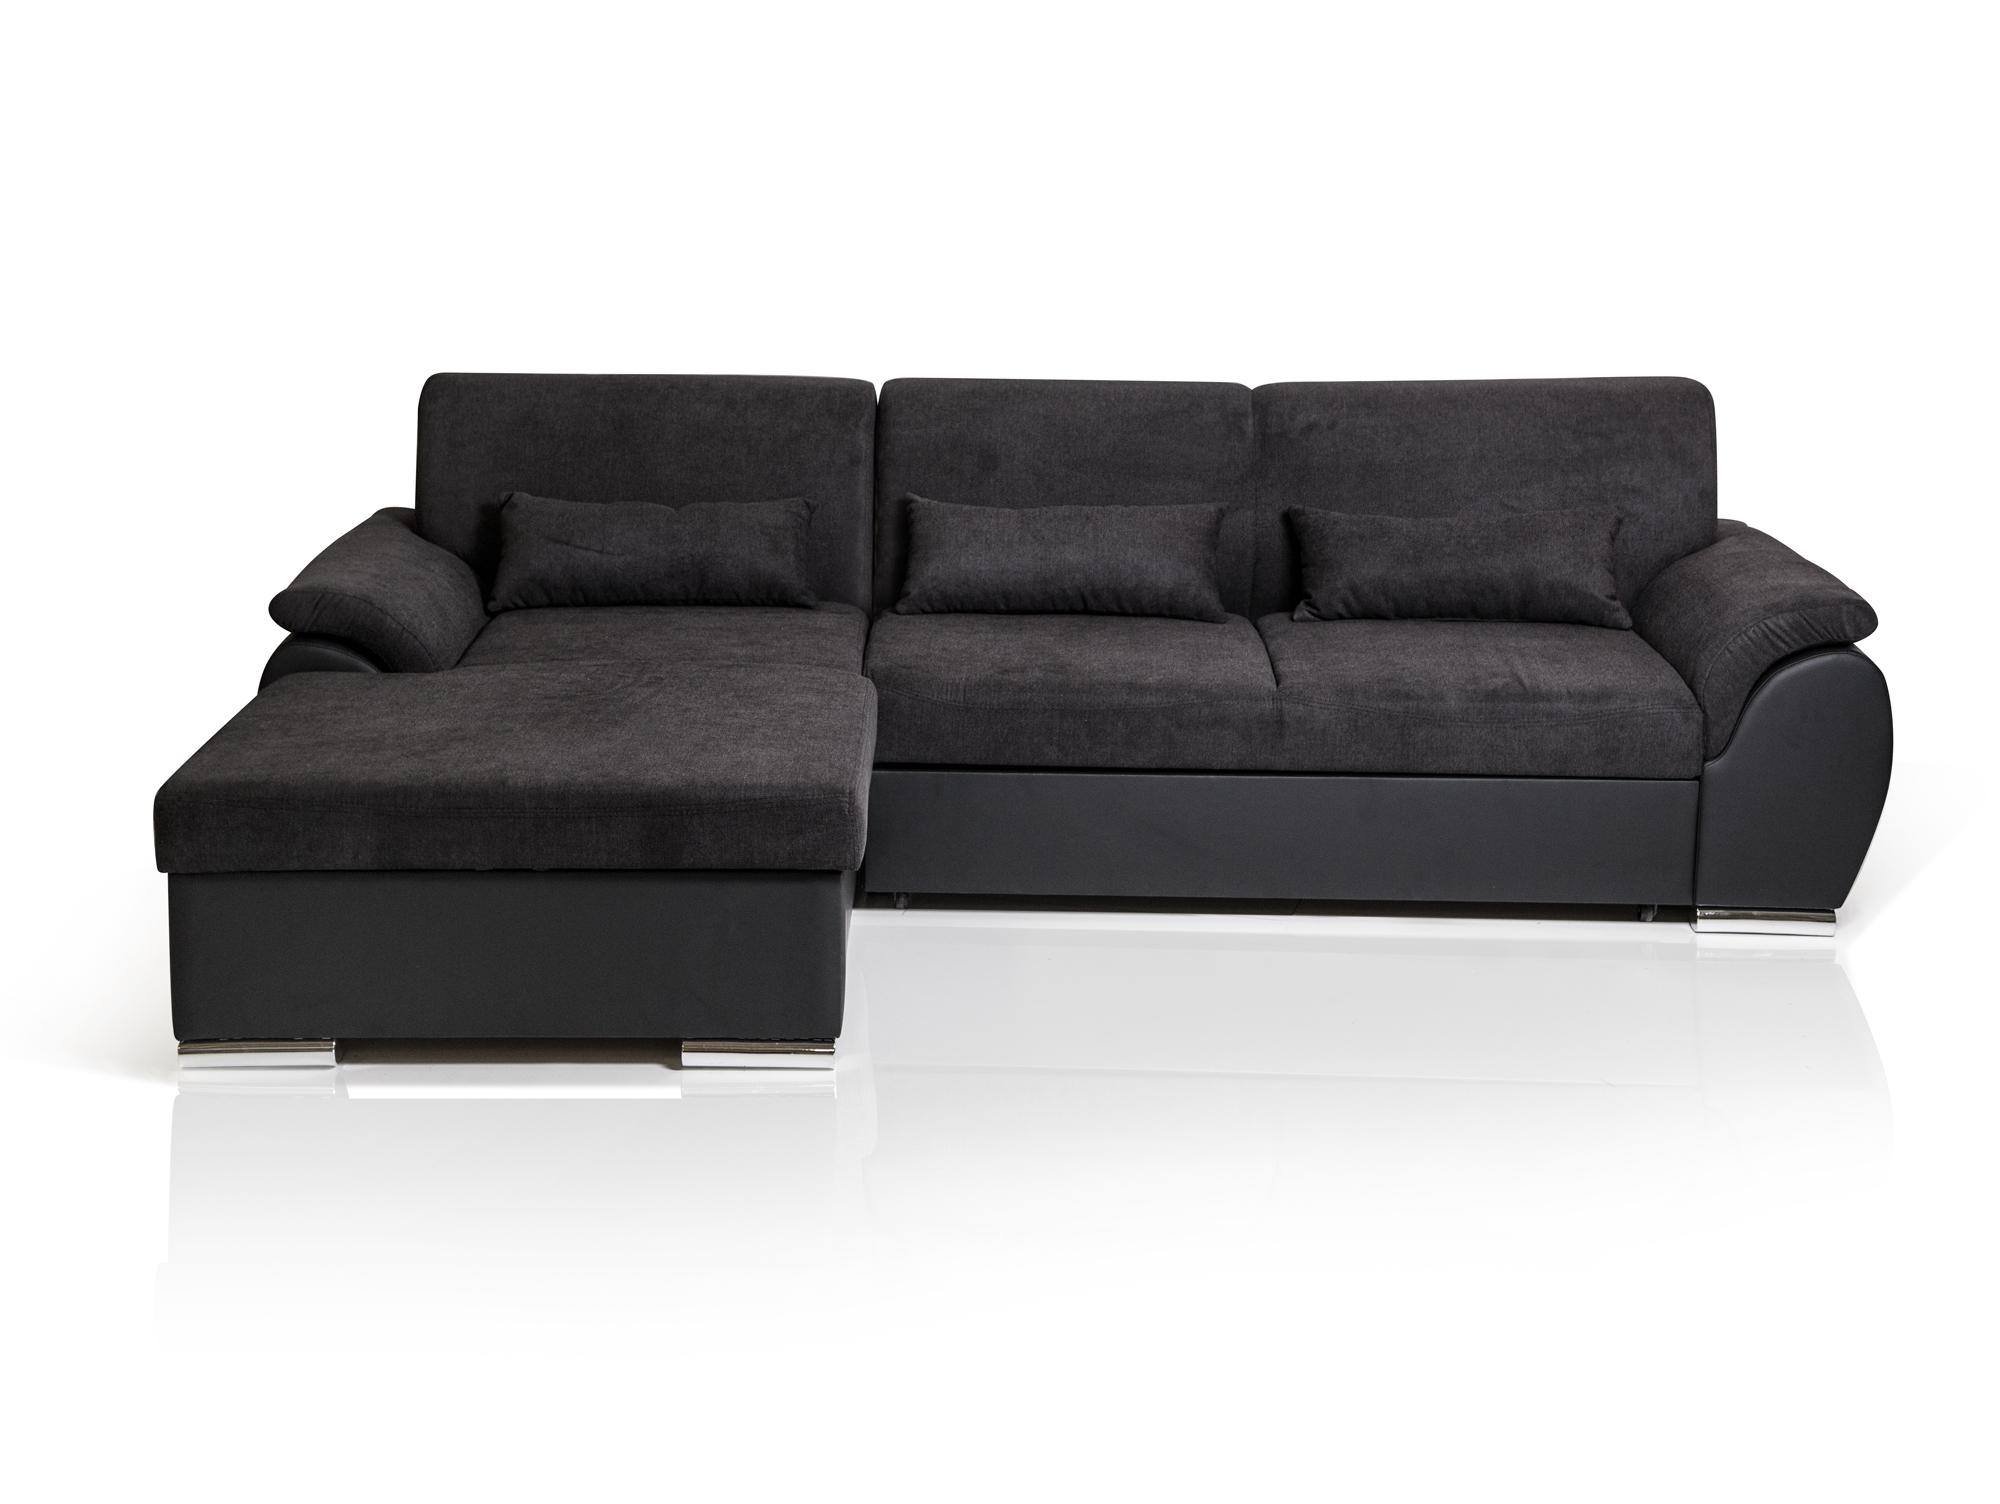 salzburg ecksofa mit bettfunktion links. Black Bedroom Furniture Sets. Home Design Ideas